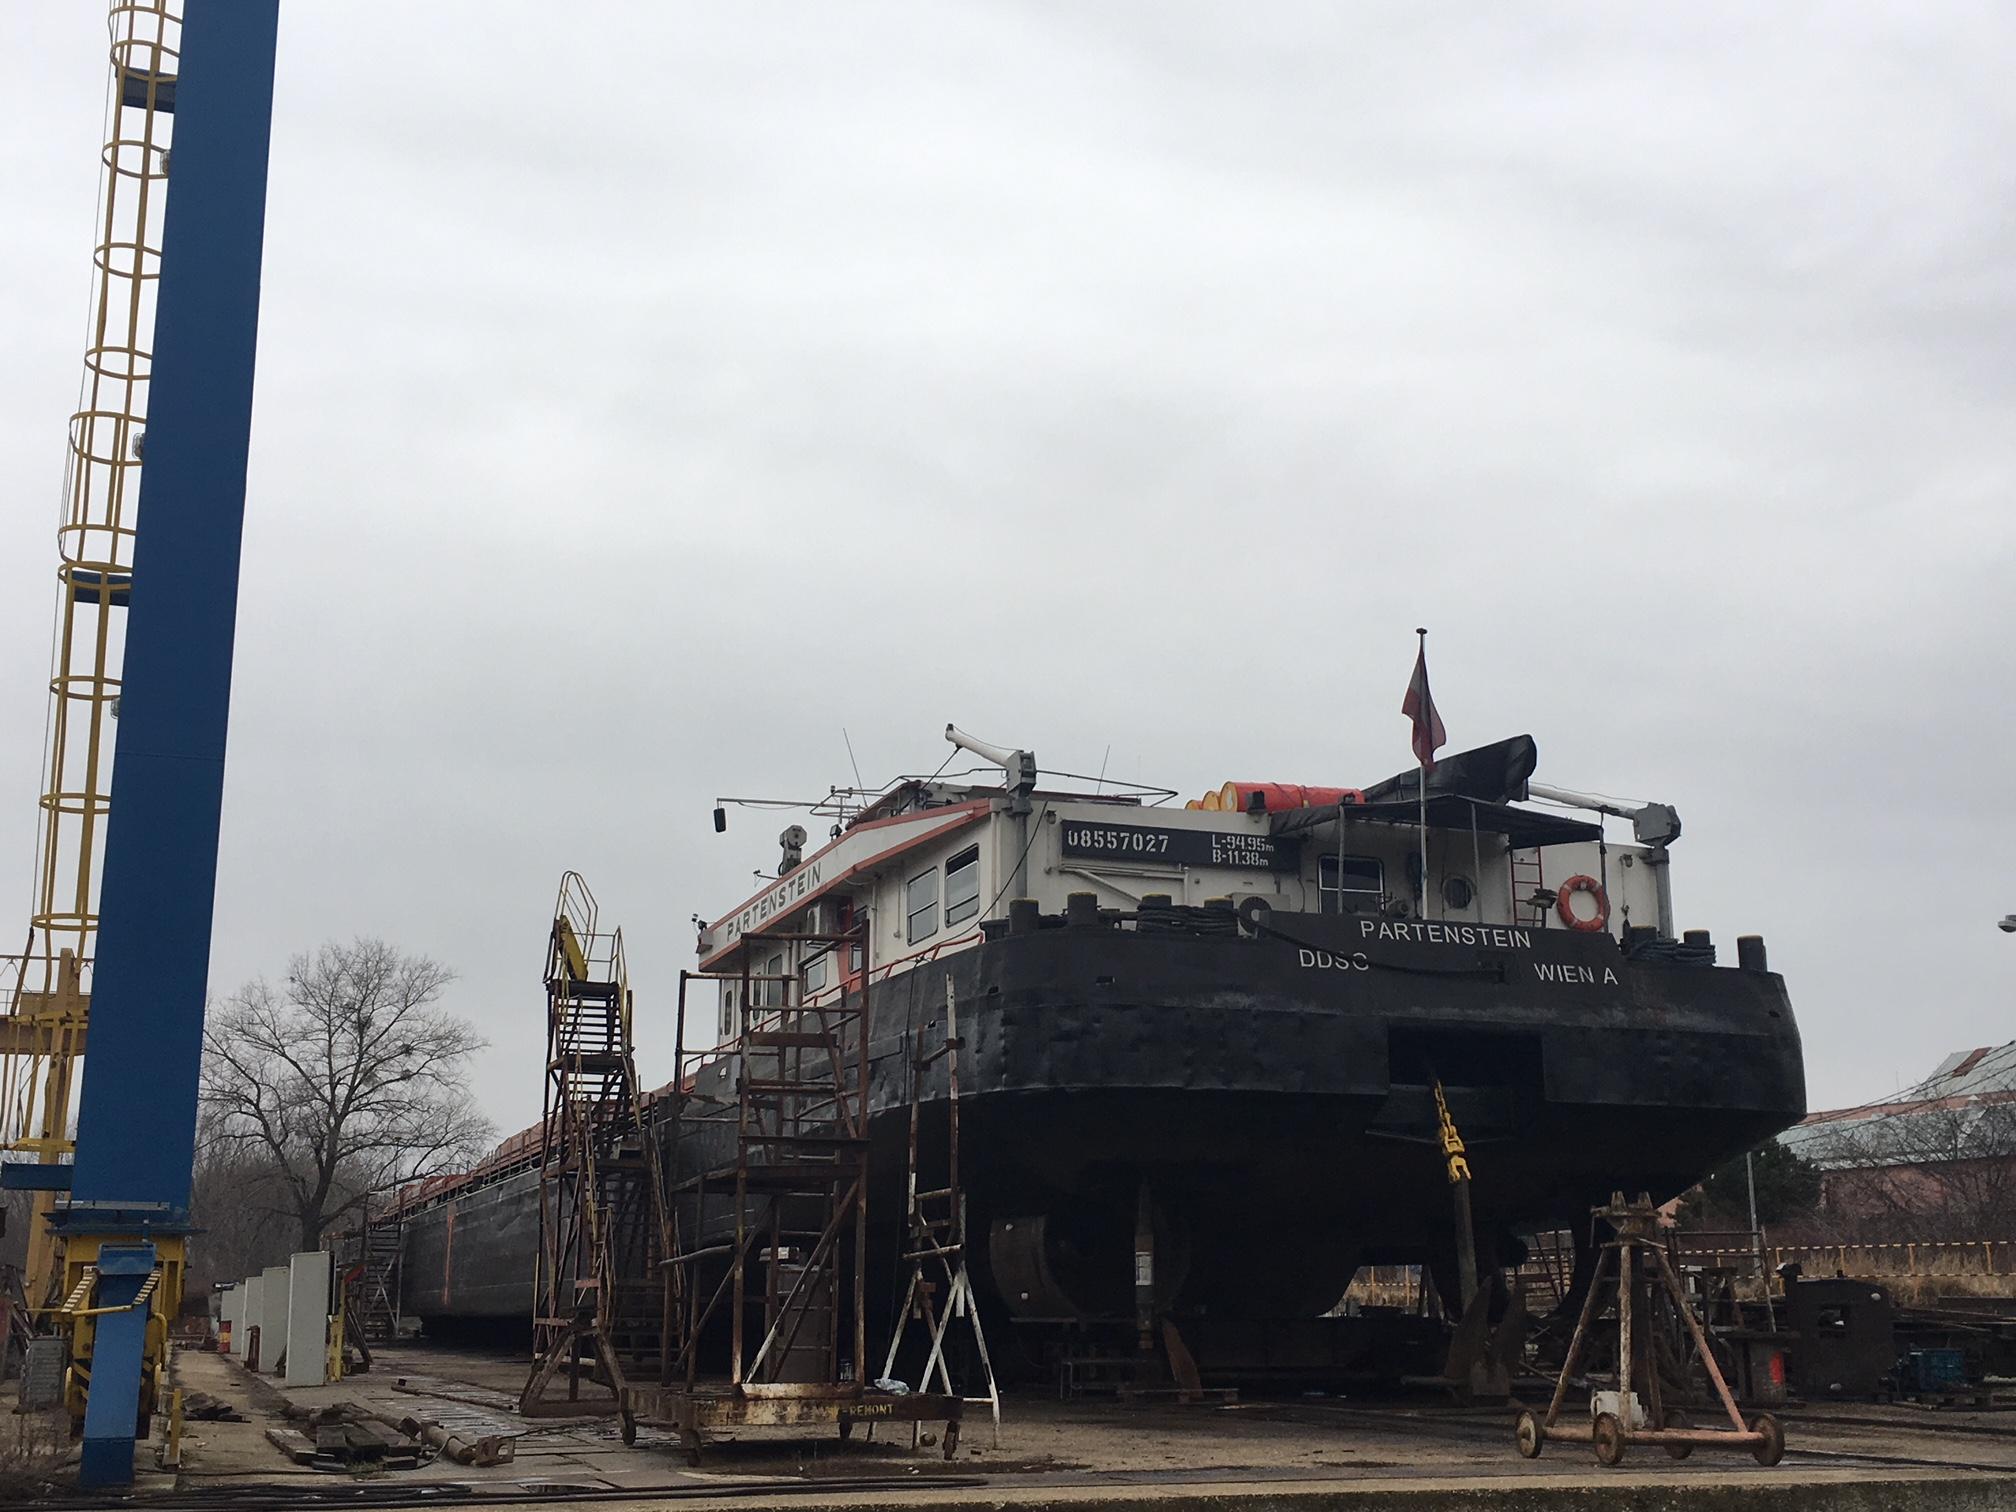 Partenstein (Cargo Ship)